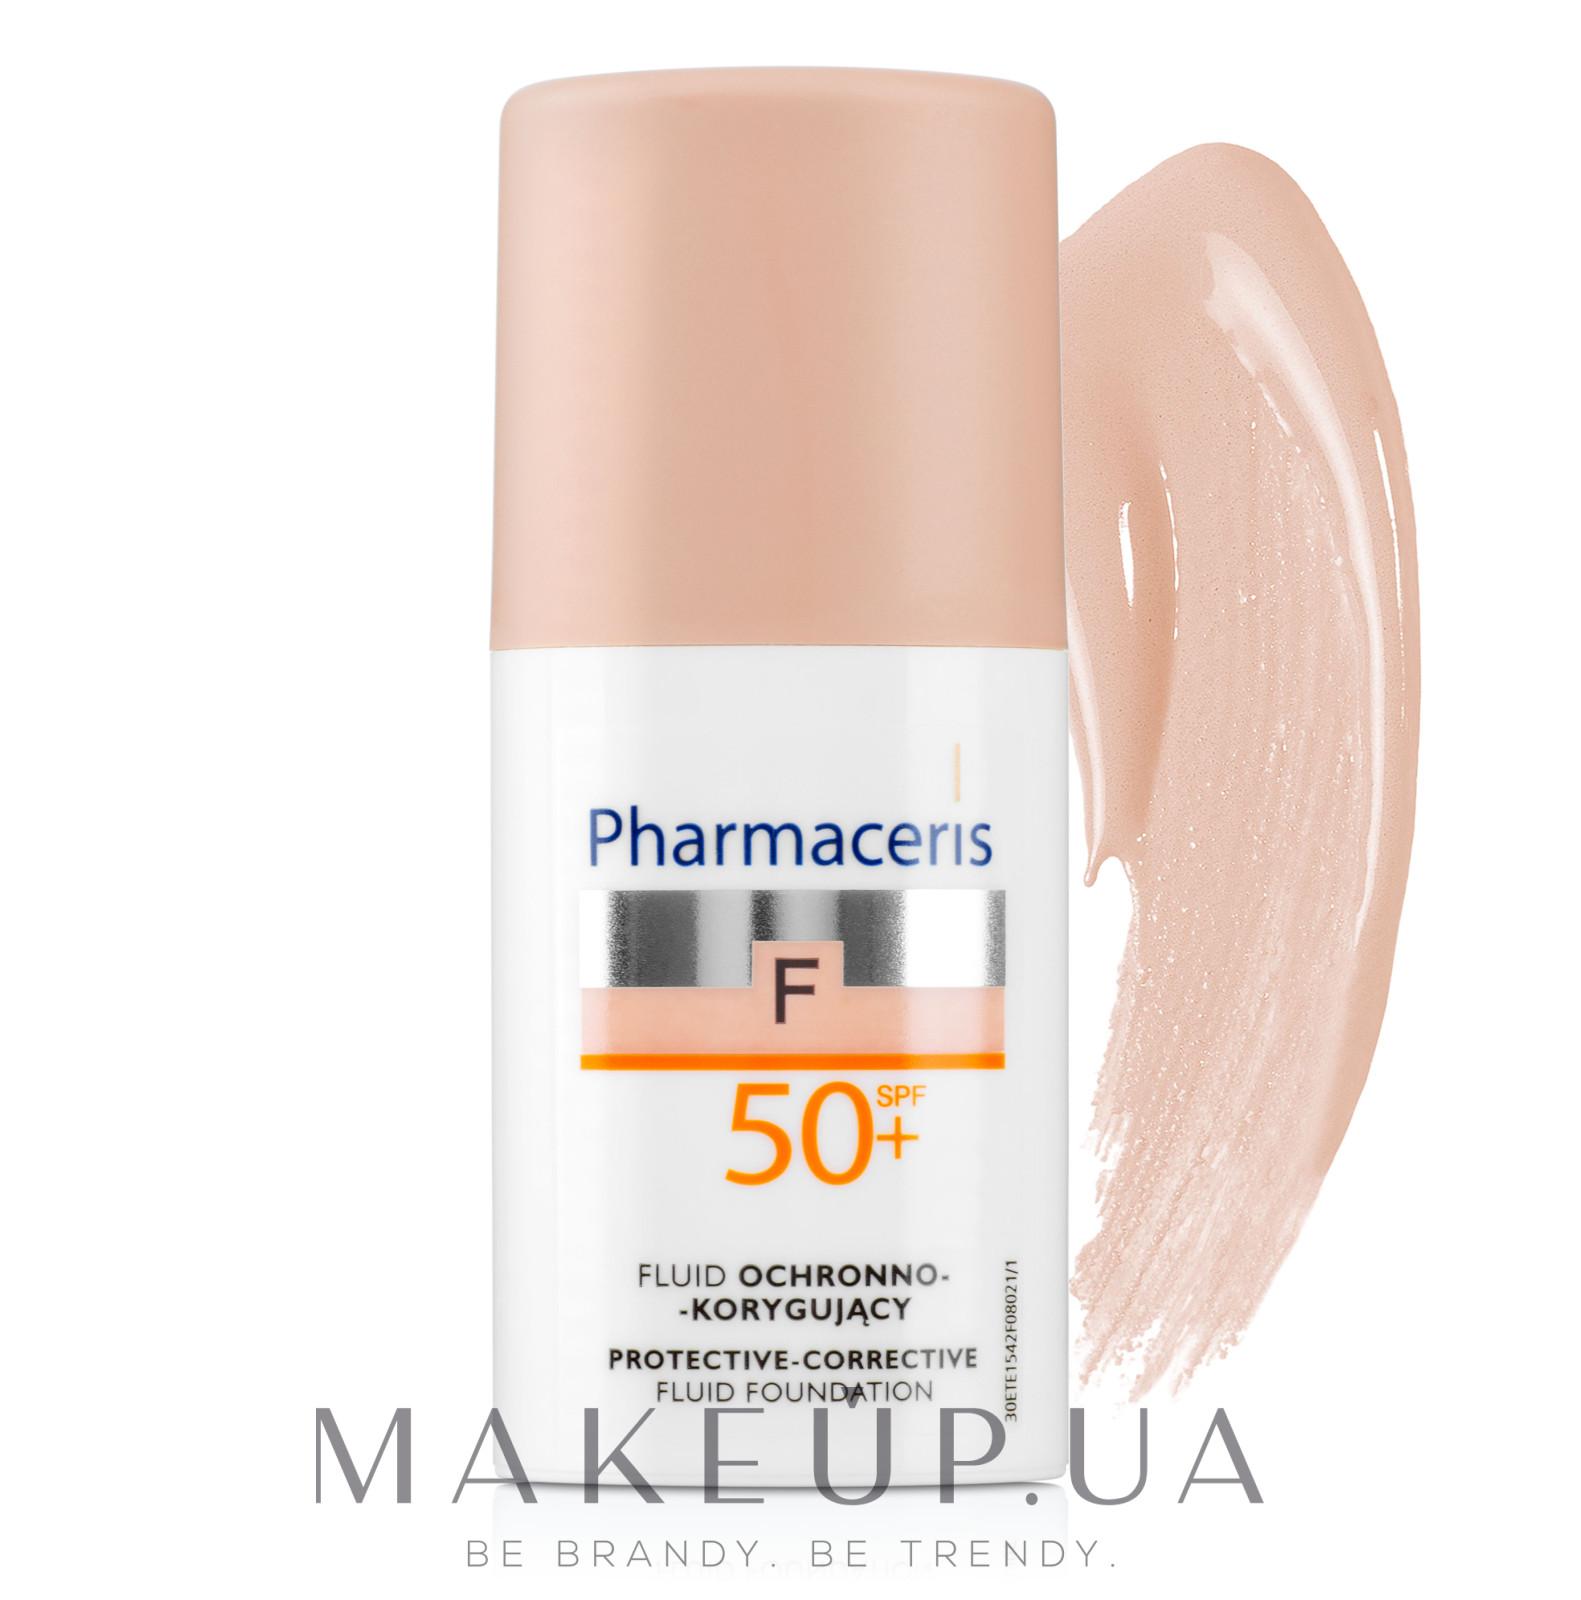 Защитный тональный флюид - Pharmaceris F Protective-Corrective Fluid Foundation SPF 50+ — фото 01 - Ivory